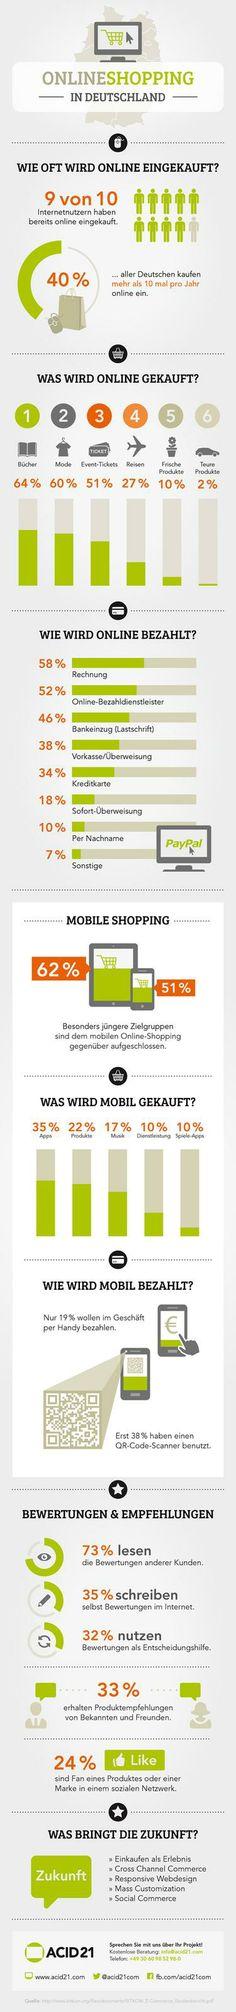 wie Deutschland im Web einkauft